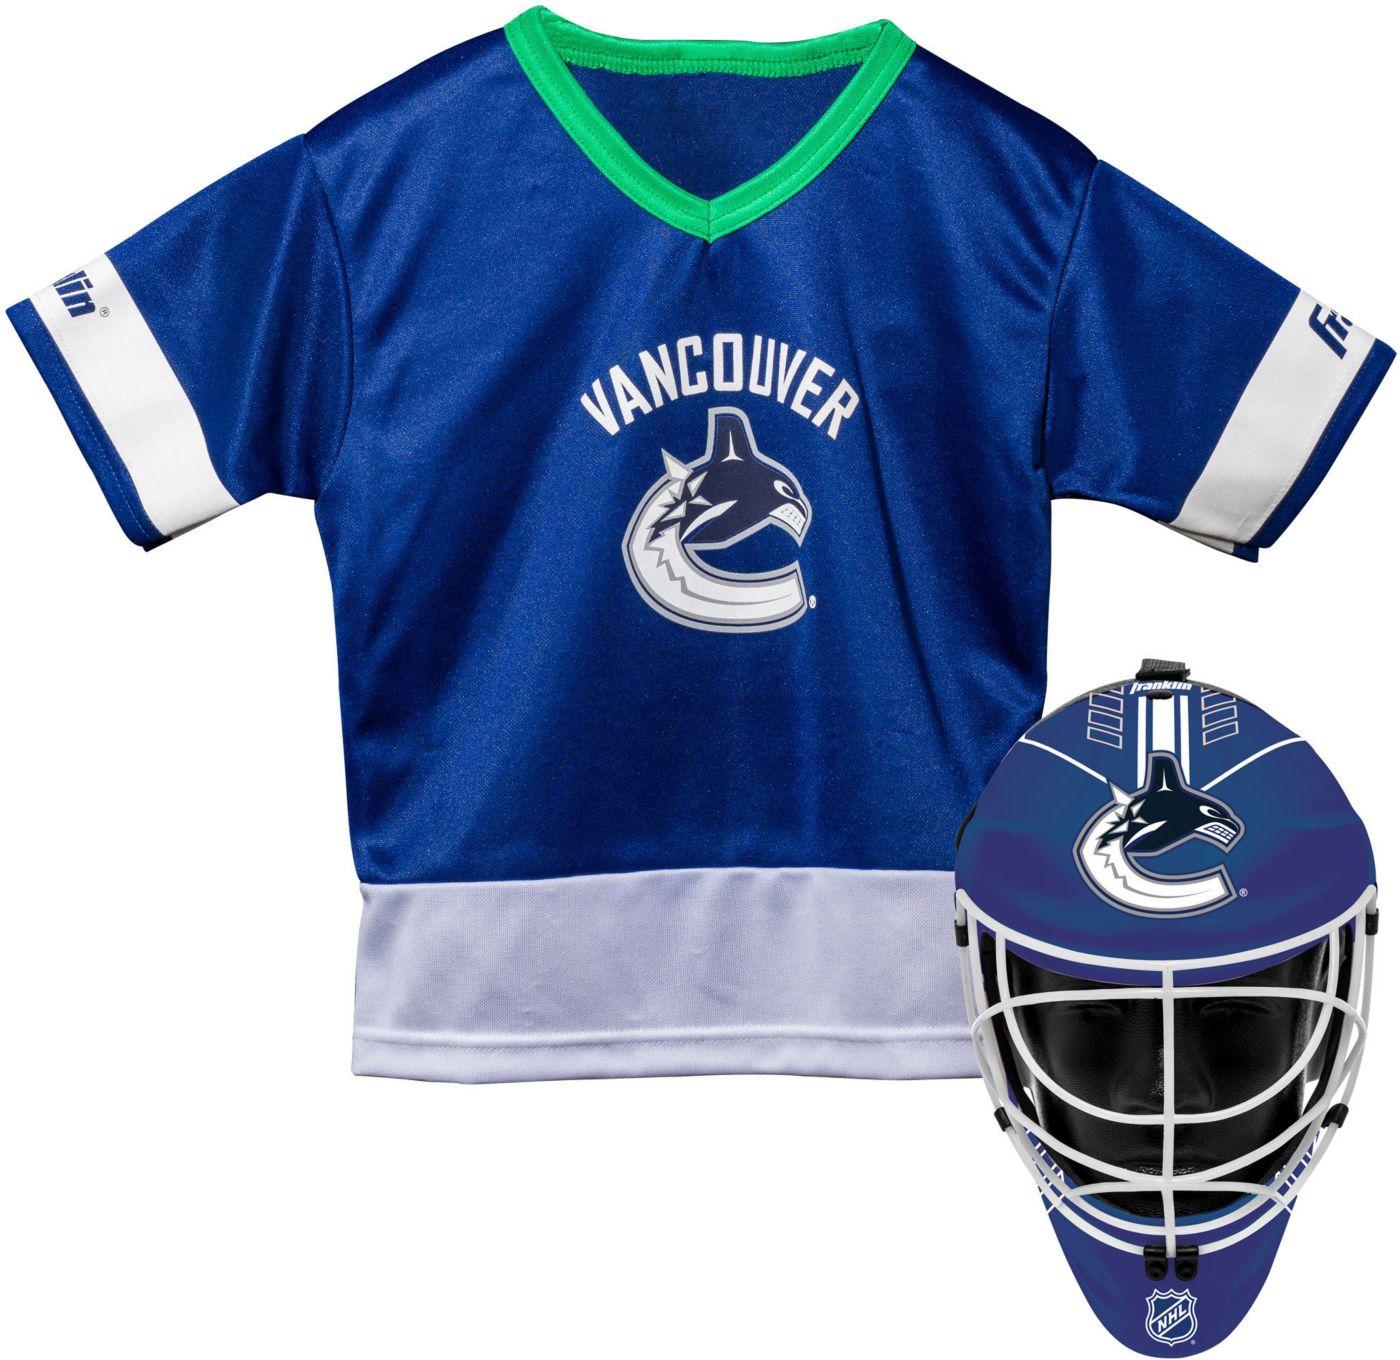 Franklin Vancouver Canucks Goalie Uniform Costume Set